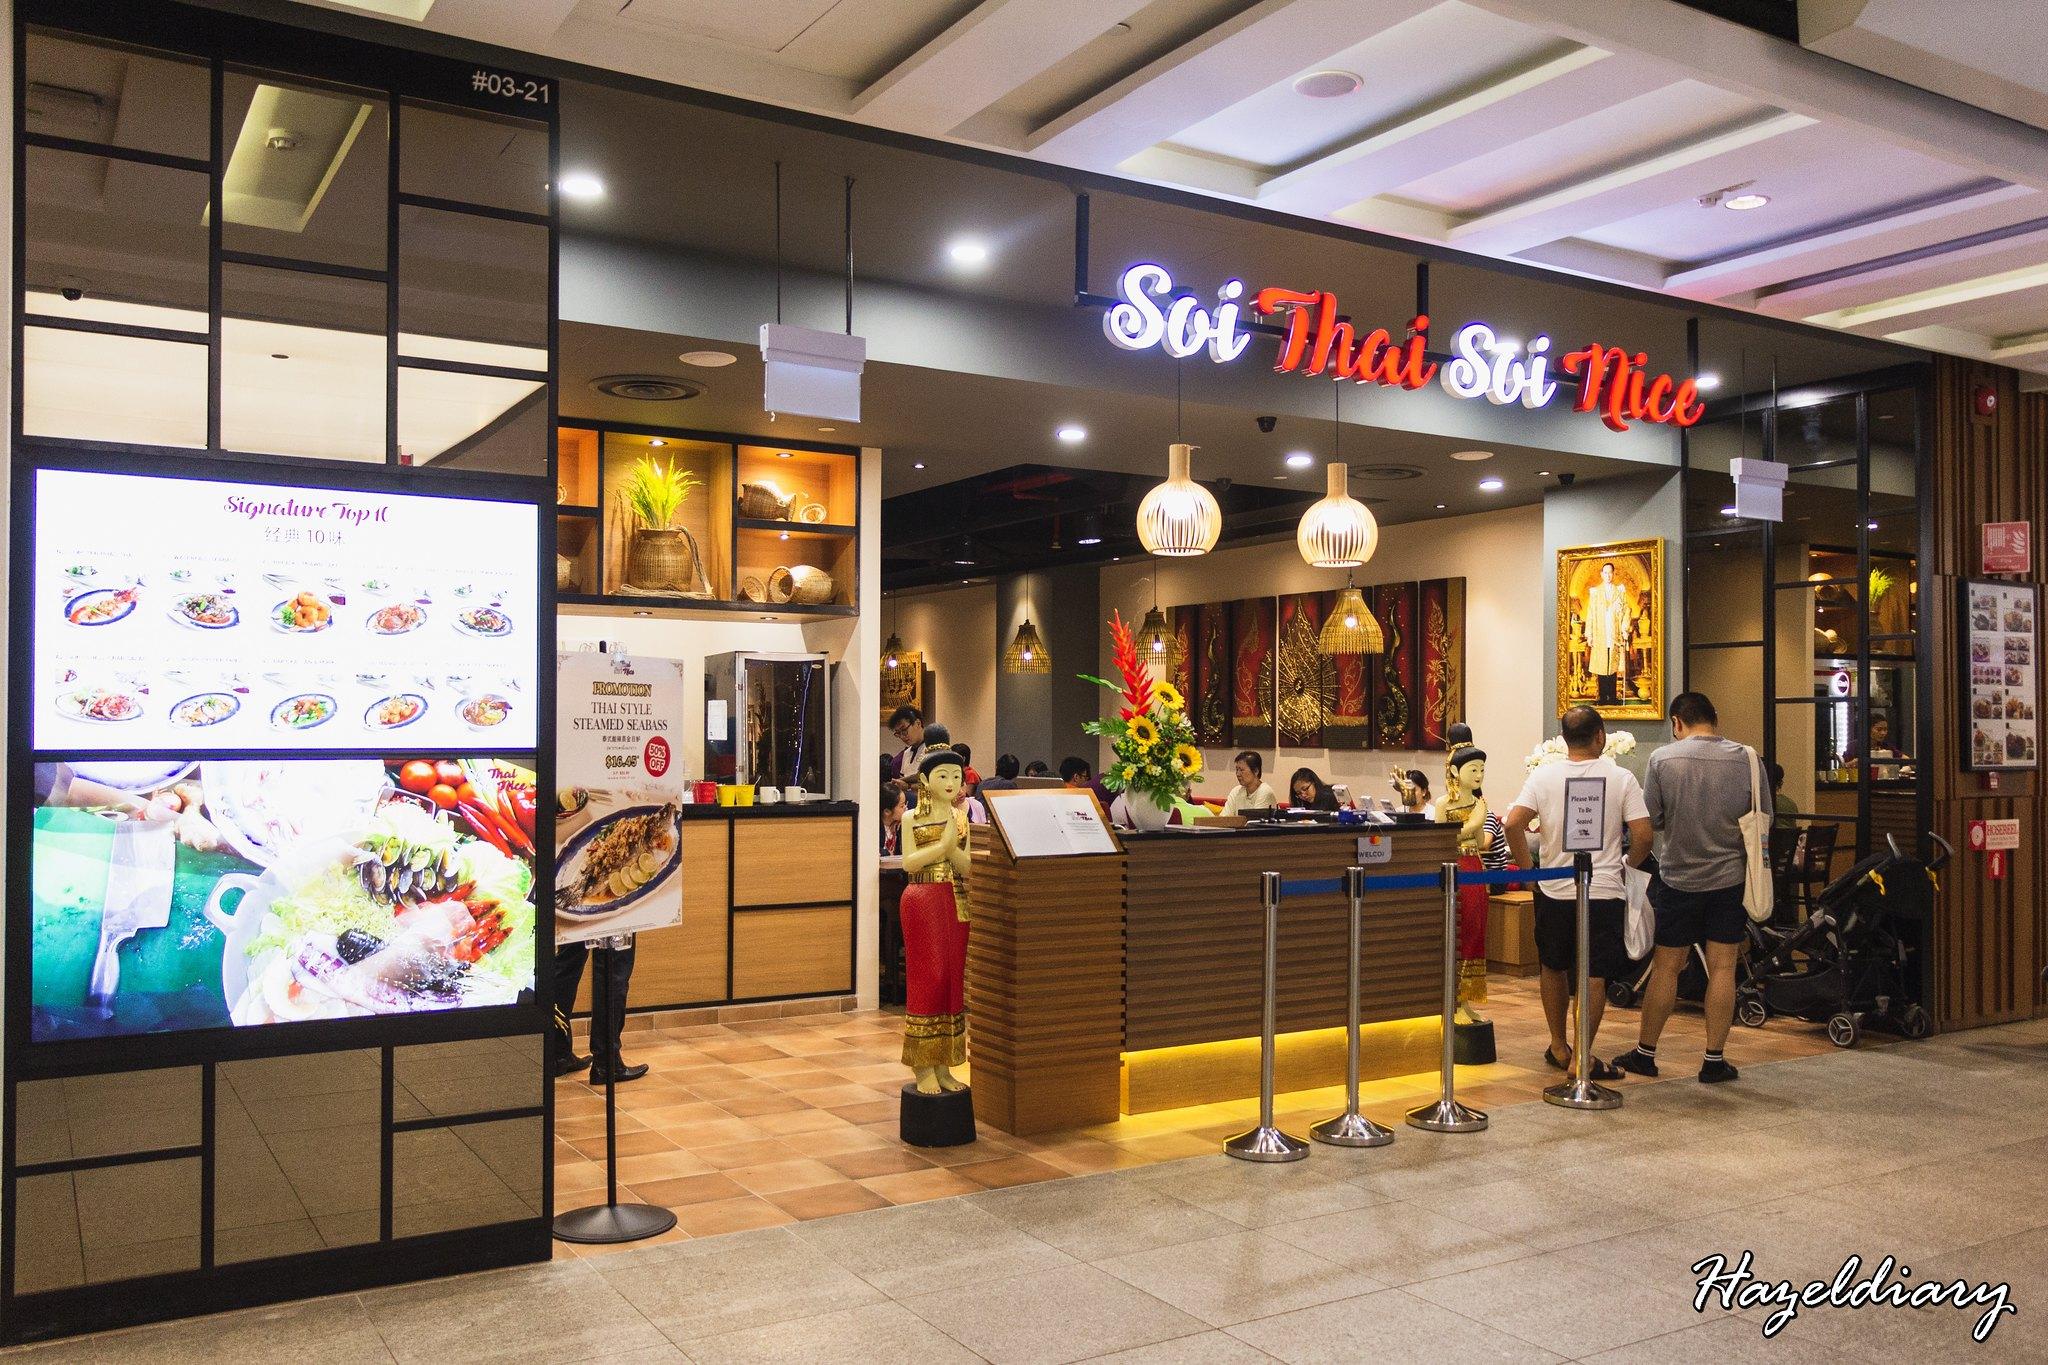 Soi Thai Soi Nice JEM-Hazeldiary-3